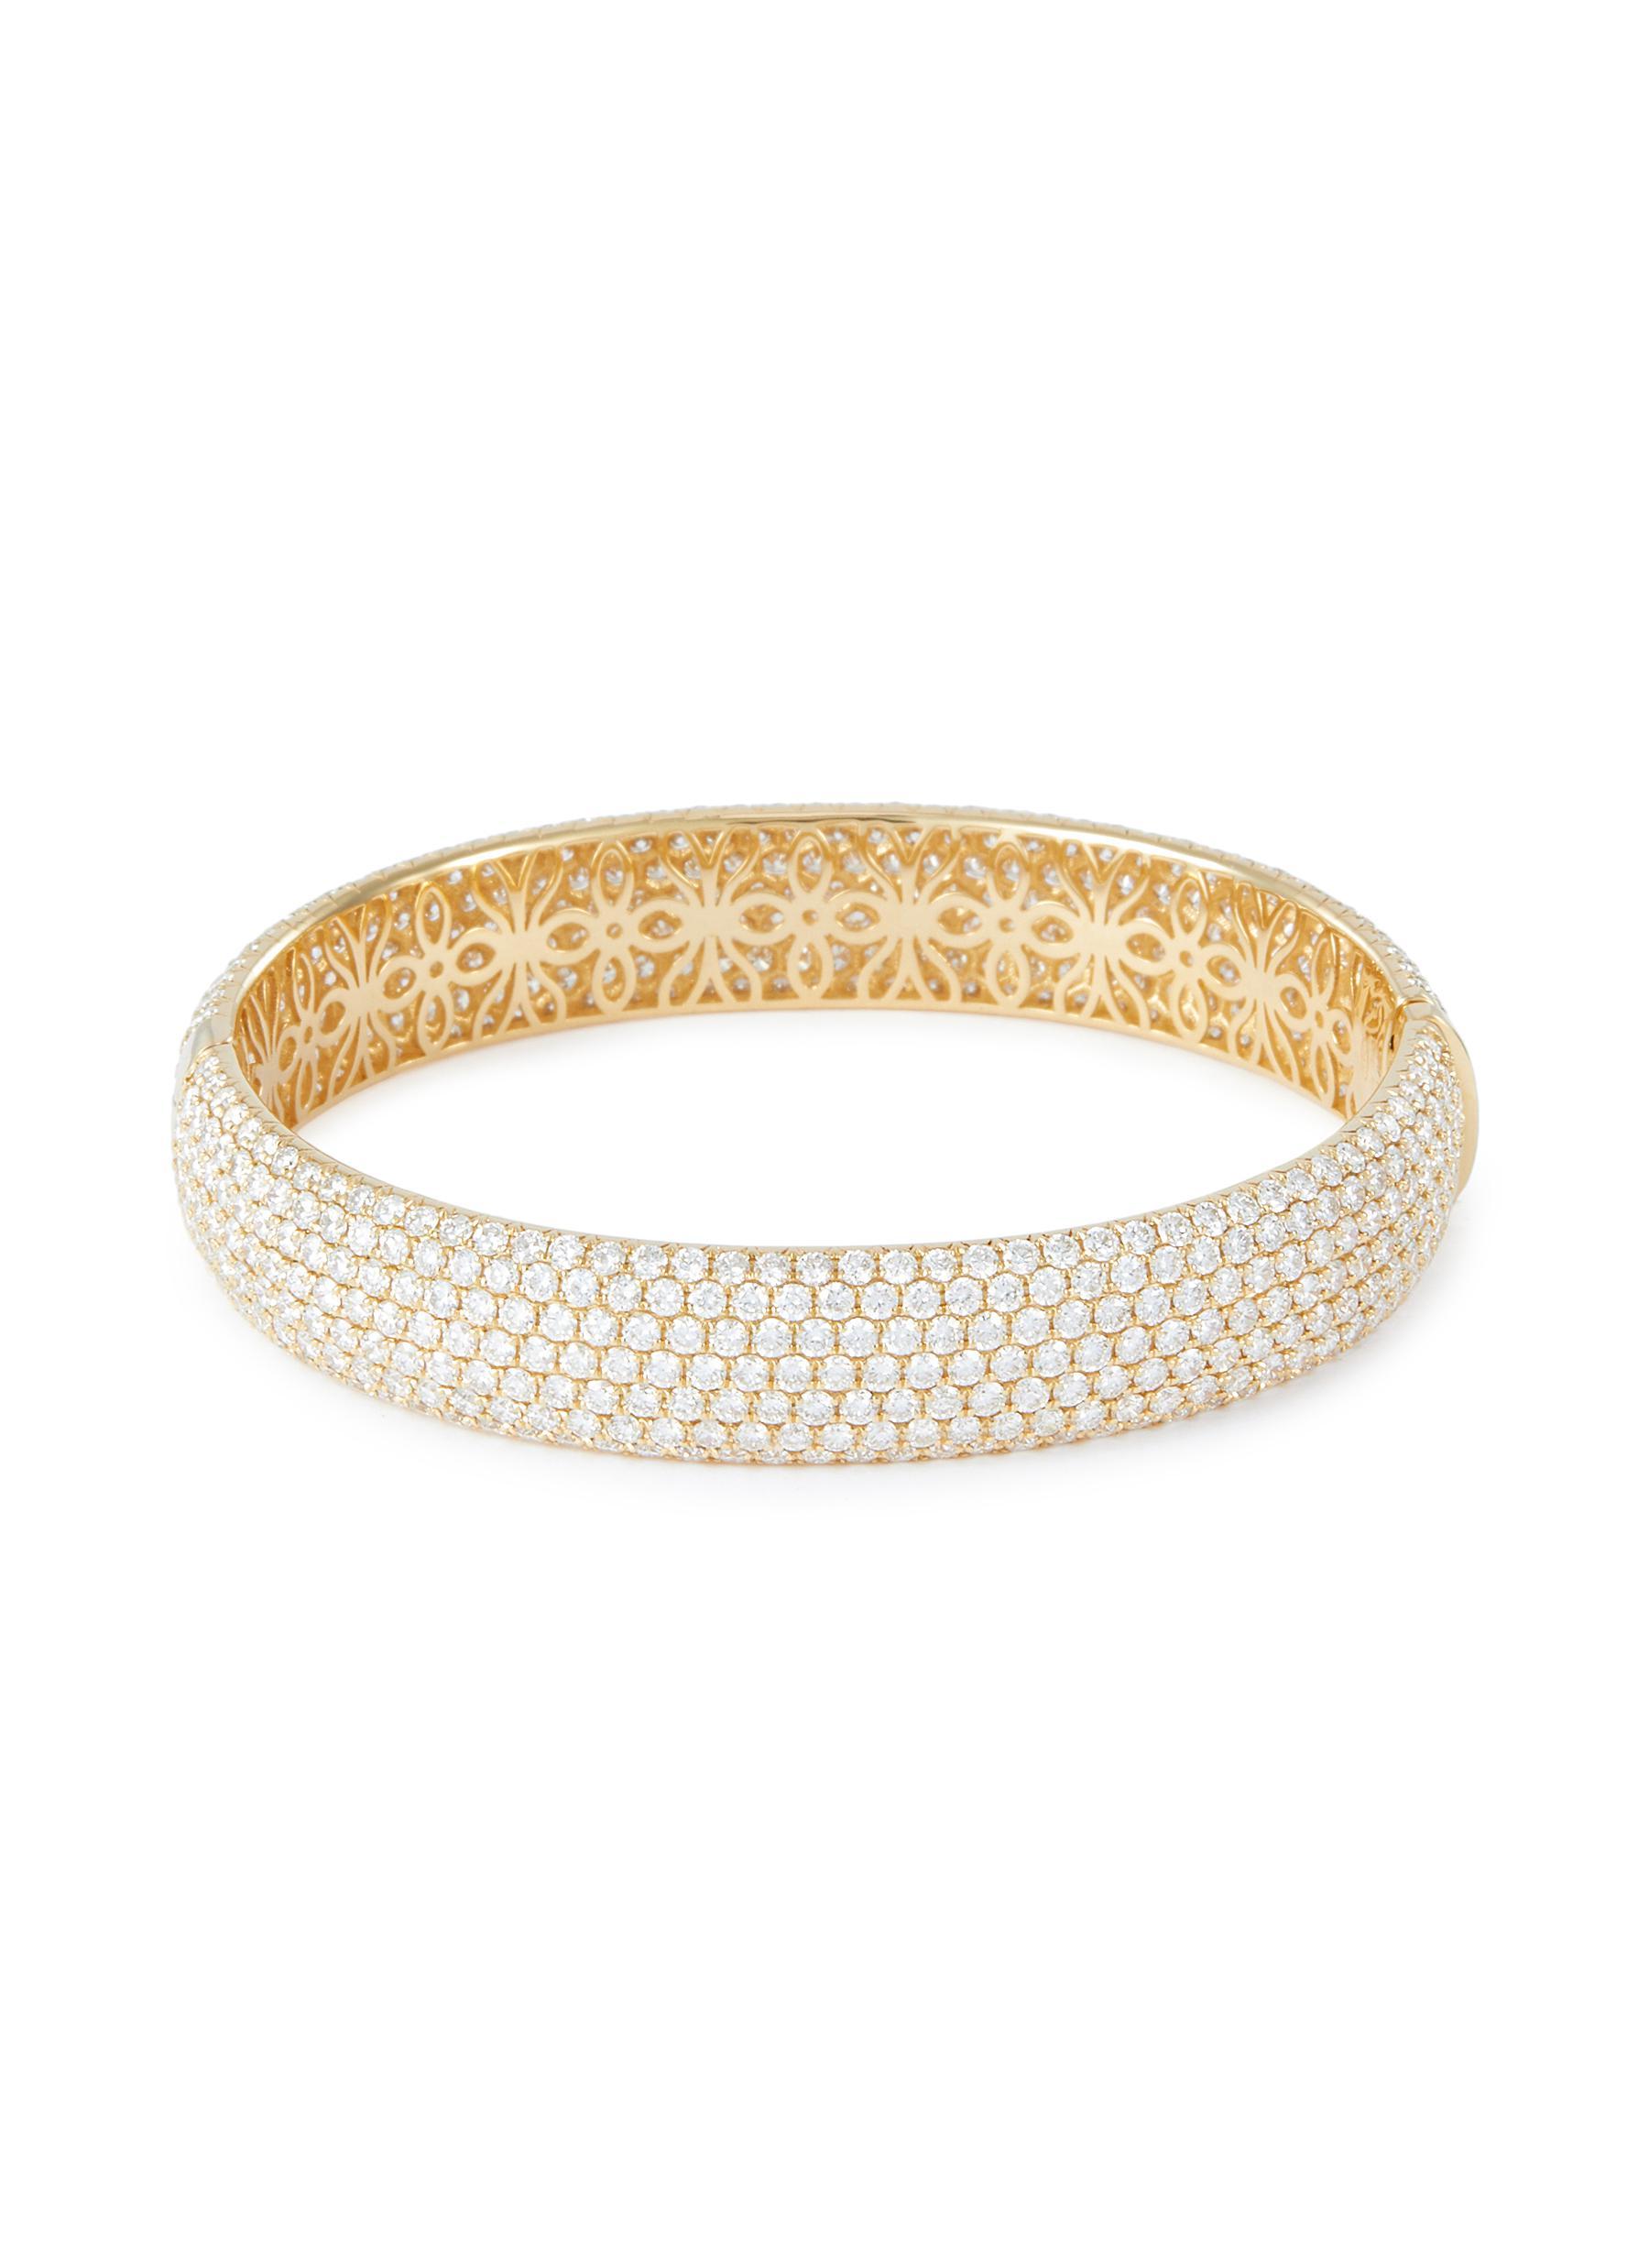 Diamond 18k yellow gold bangle